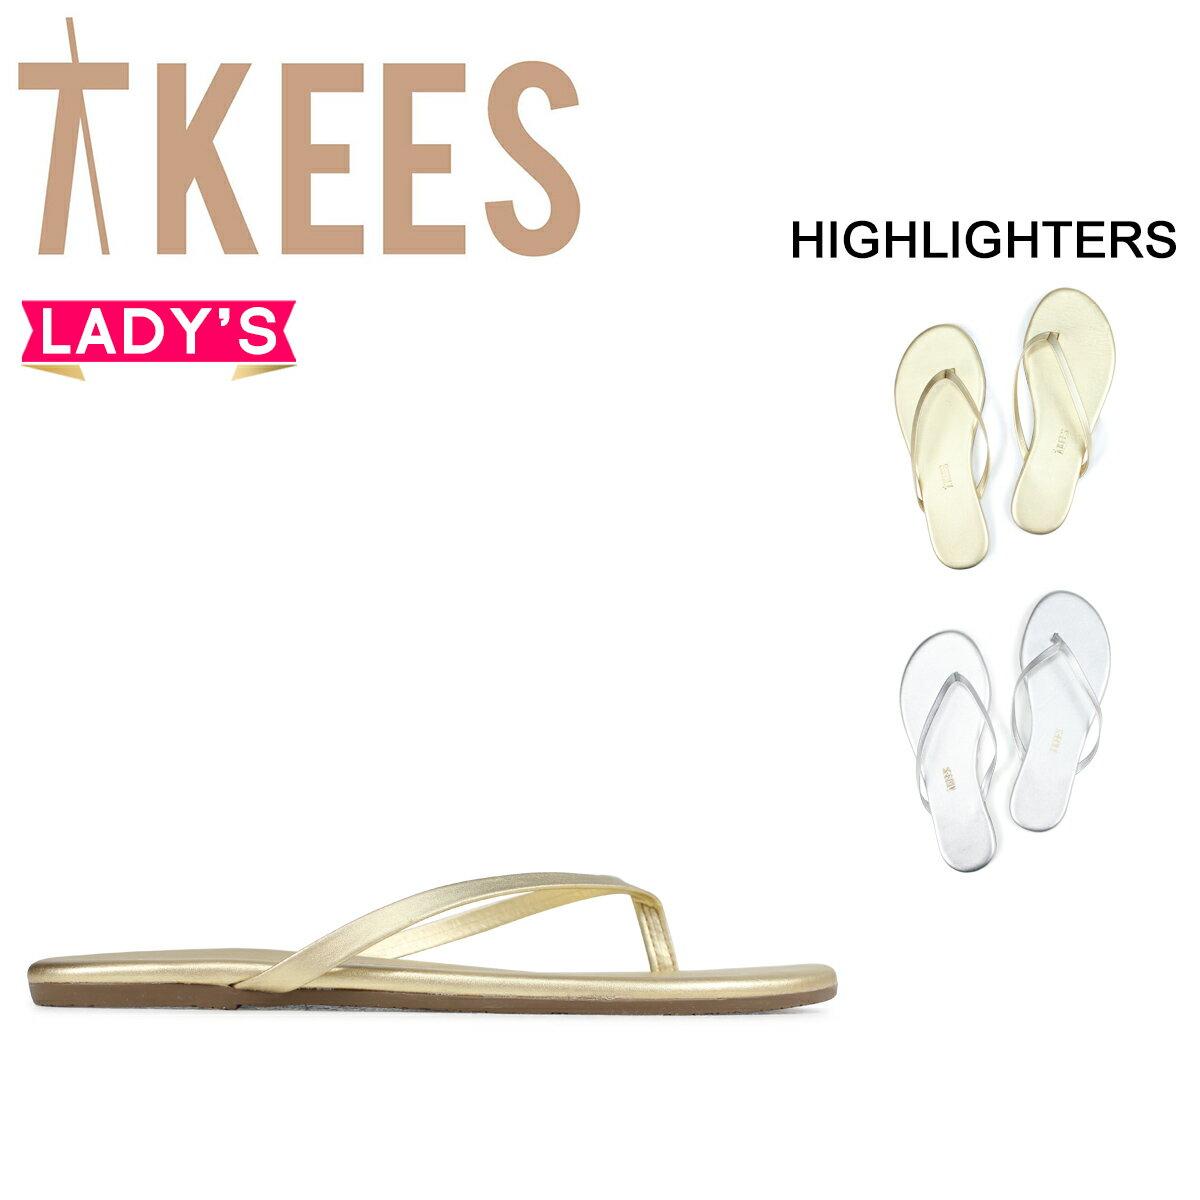 Tkees ティキーズ サンダル ビーチサンダル レディース HIGHLIGHTERS レザー ゴールド シルバー [9/7 再入荷]